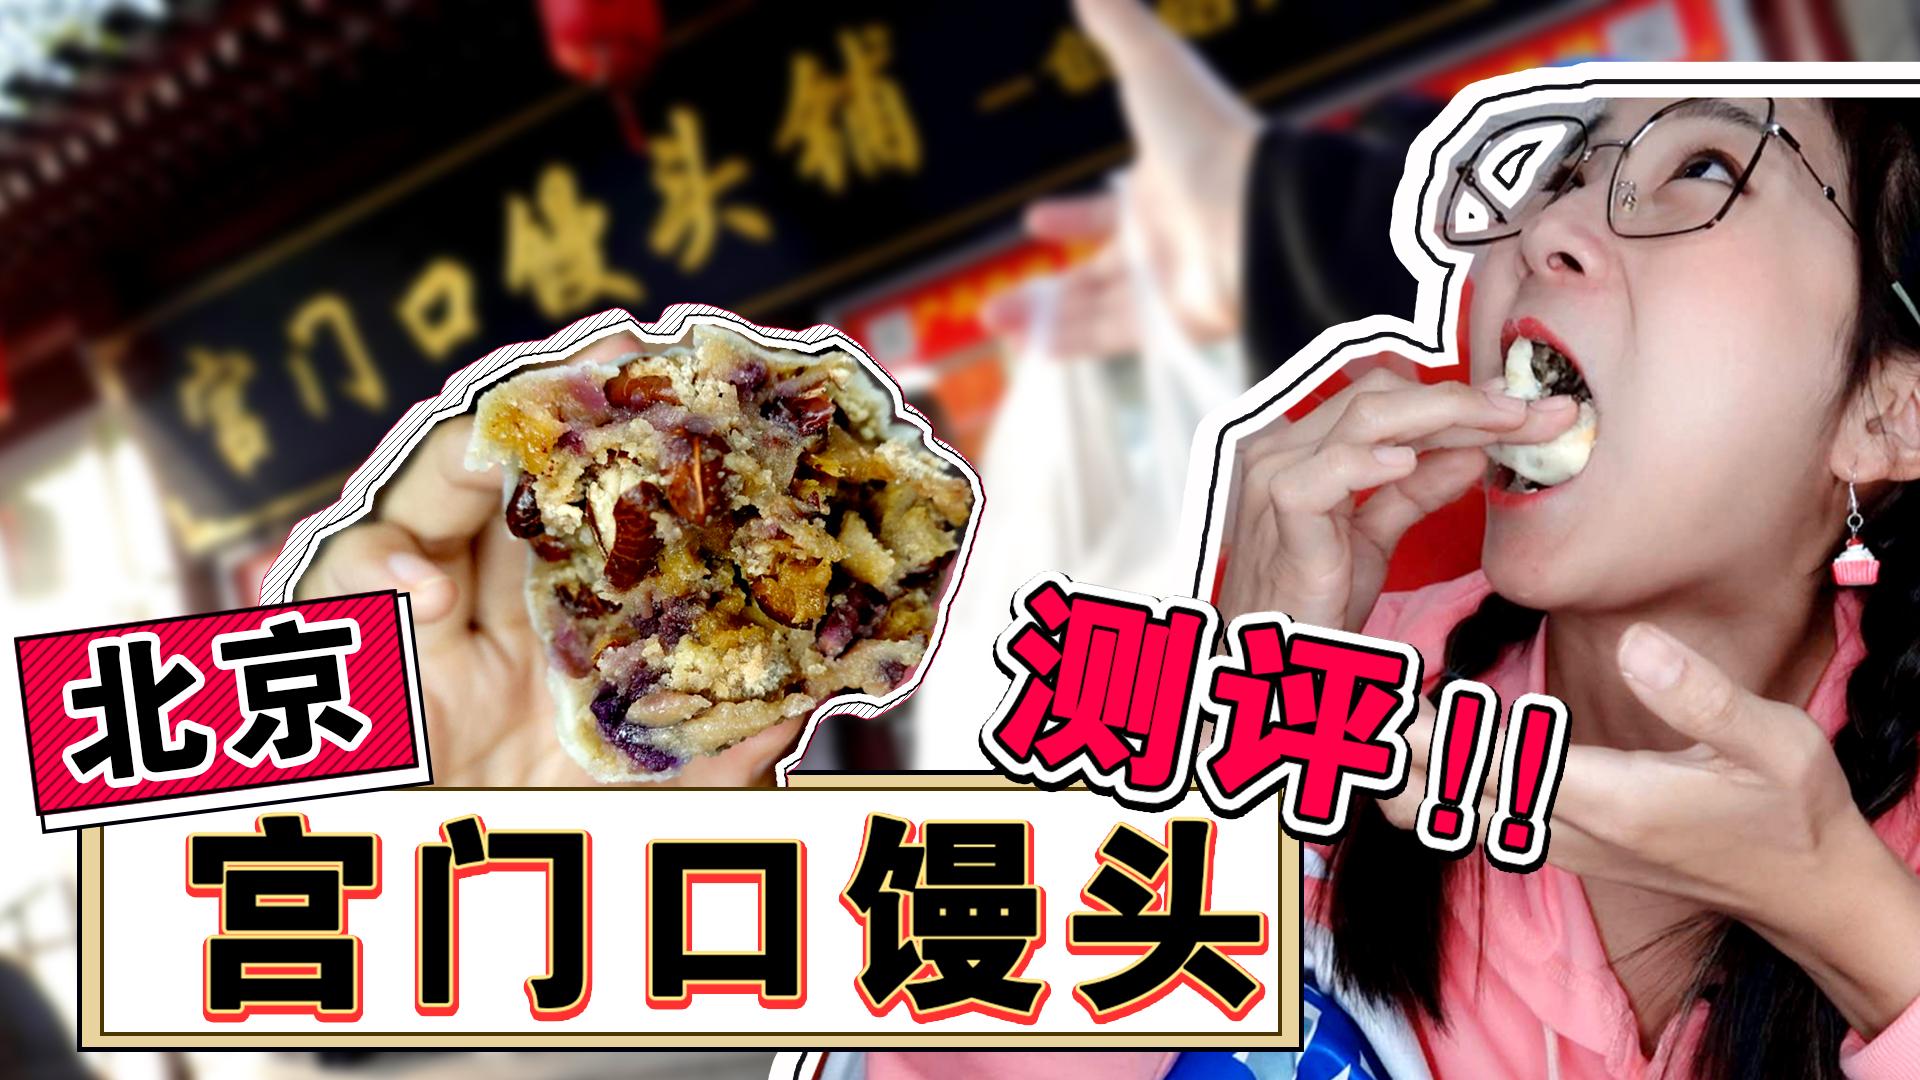 【逛吃北京】宫门口馒头测评!不止有馒头,八宝粘豆包了解一下?